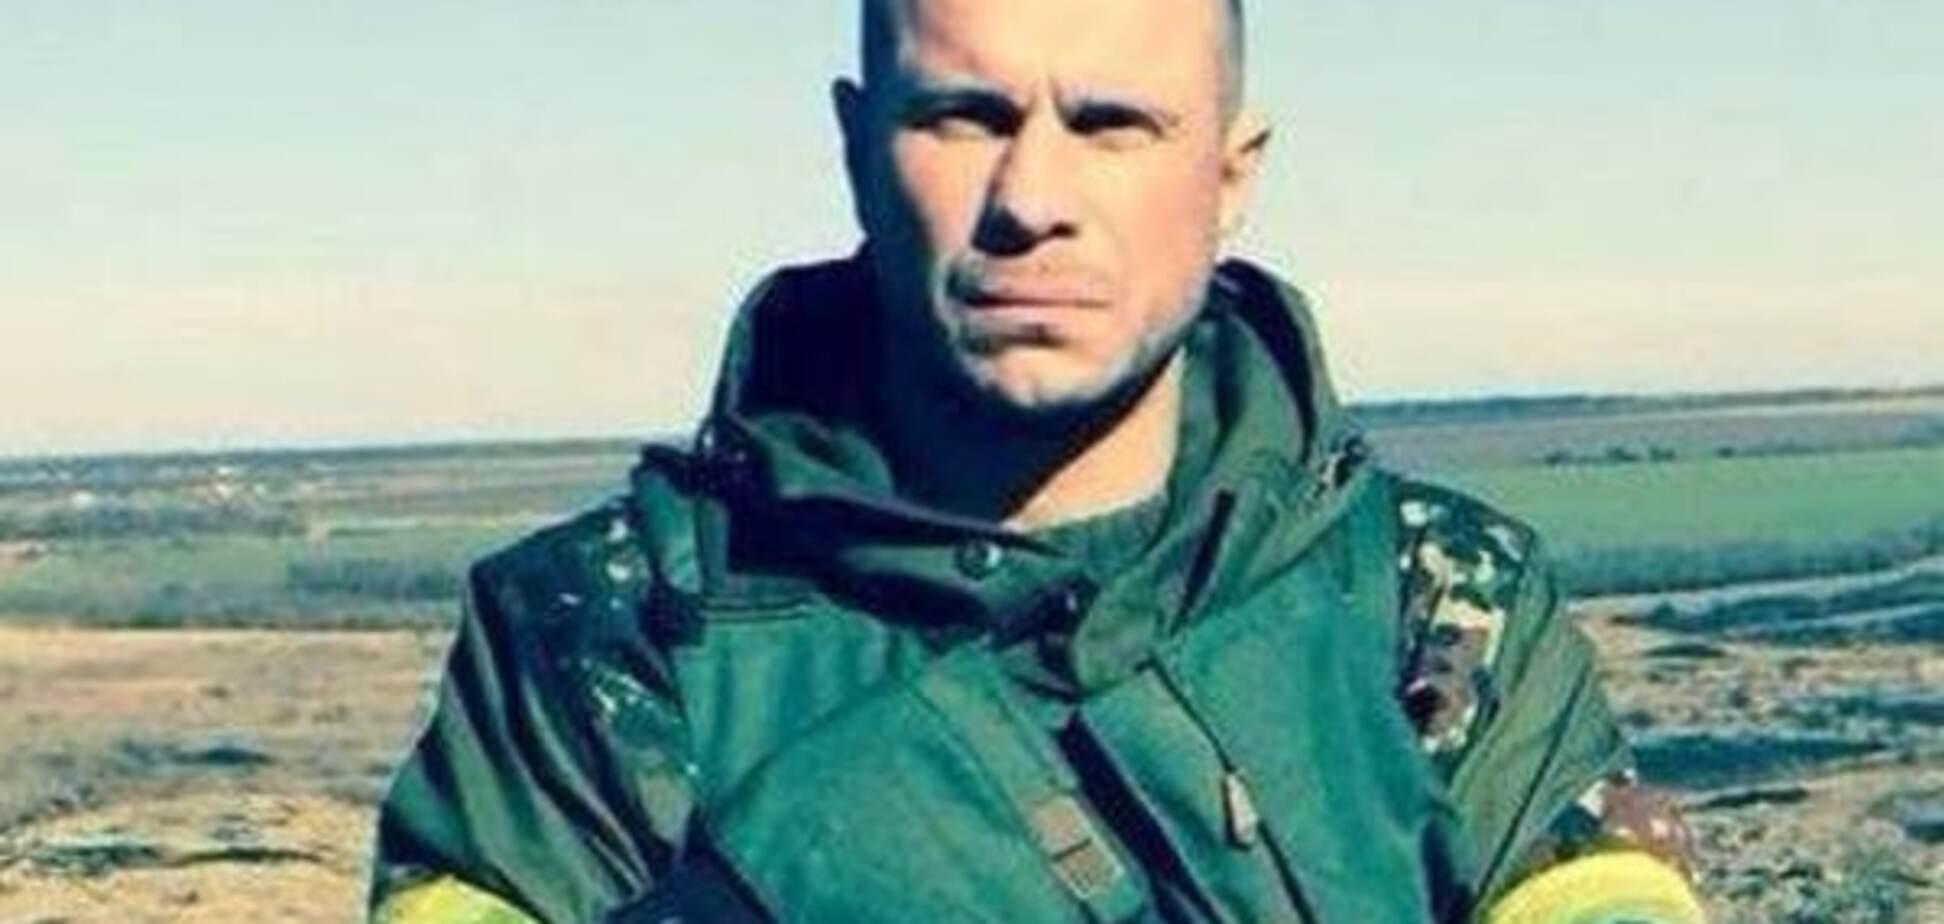 Ківа побачив 'засланого козачка' серед керівництва блокади Криму